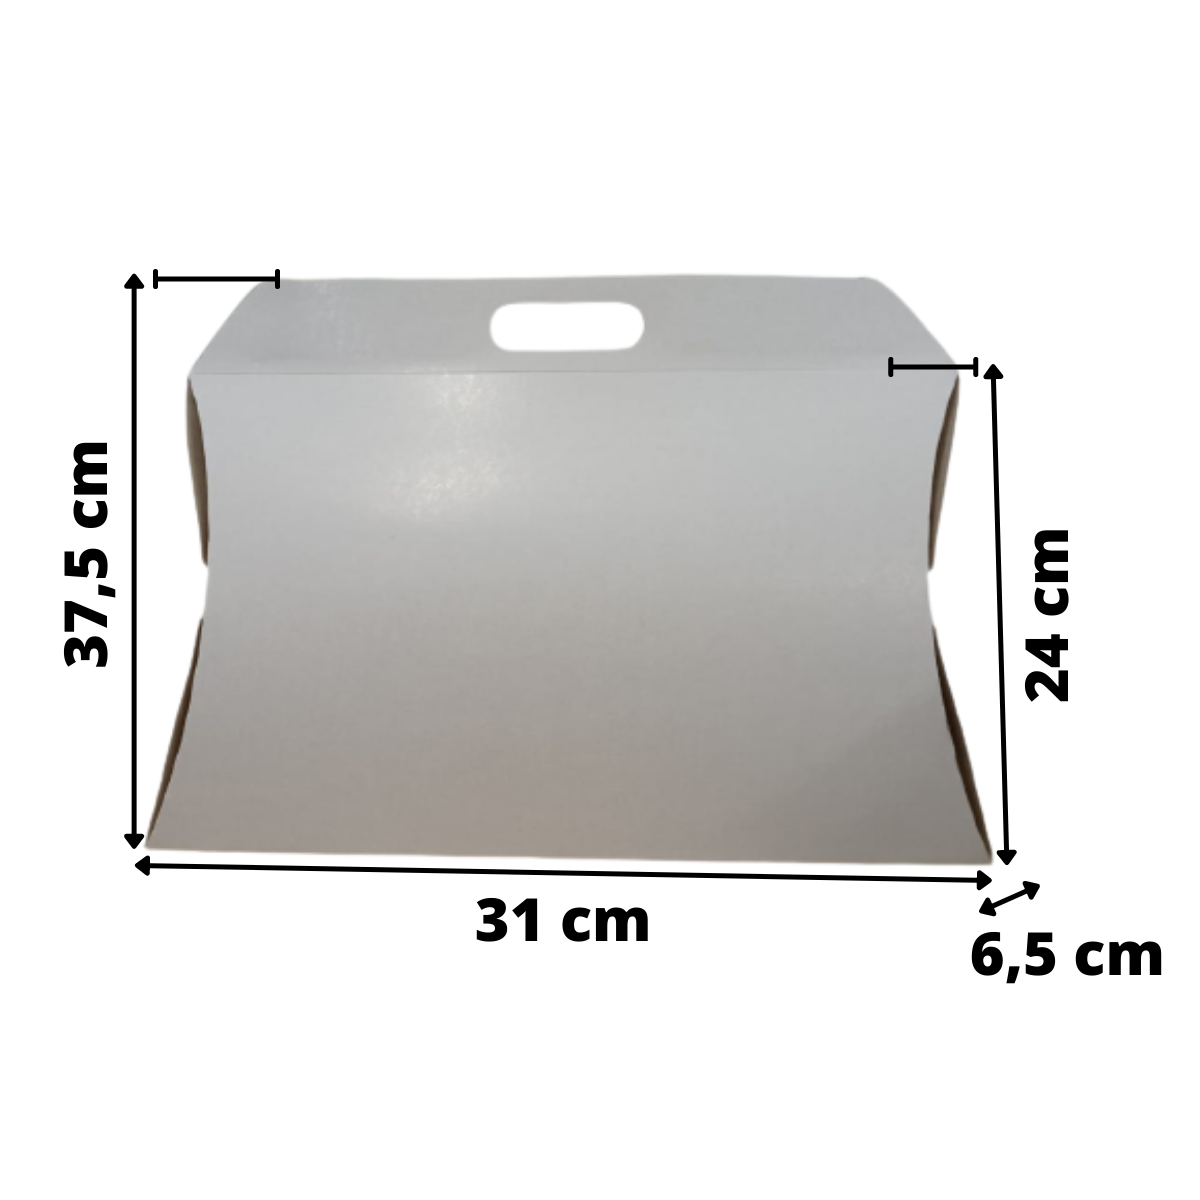 Caixa Almofada Grande Branca 37,5x31x6,5 - 50 Unidades